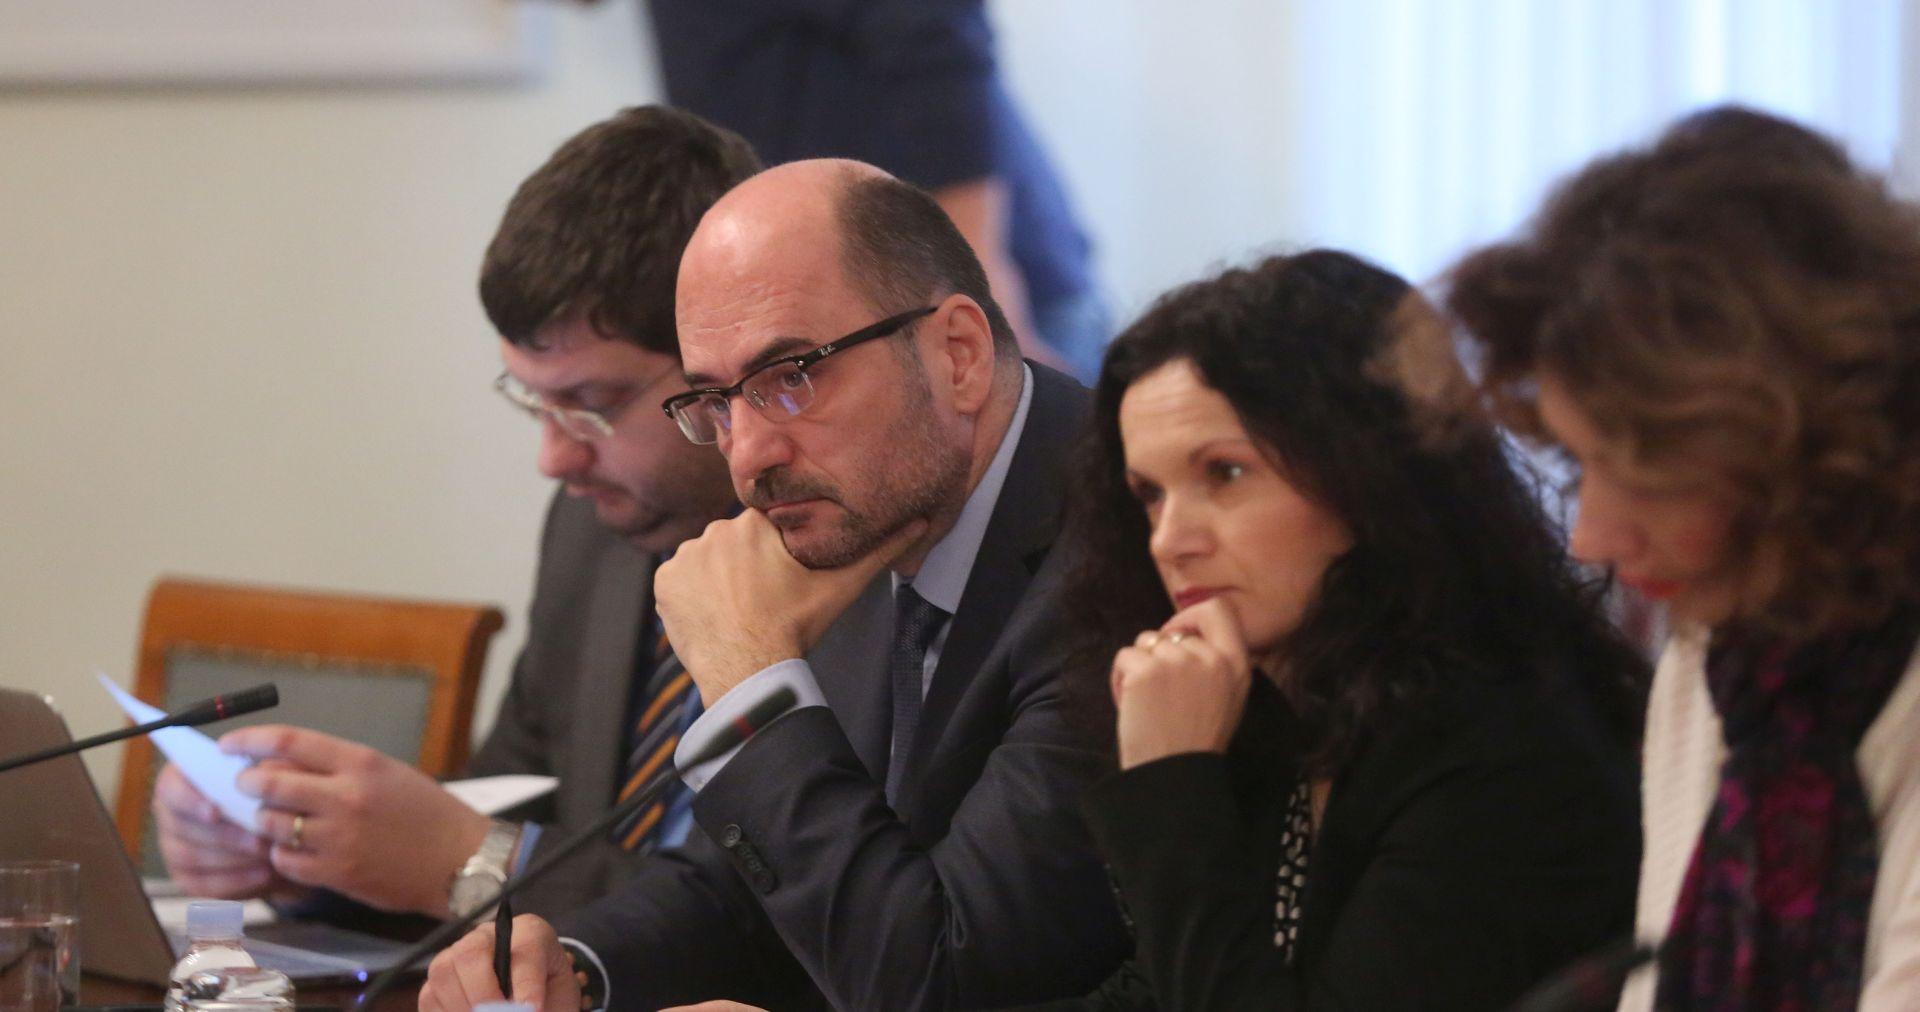 ZAJEDNIČKA IZJAVA Zastupnici HDZ-a i HNS-a: Povjerenstvo za Agrokor prestaje s radom